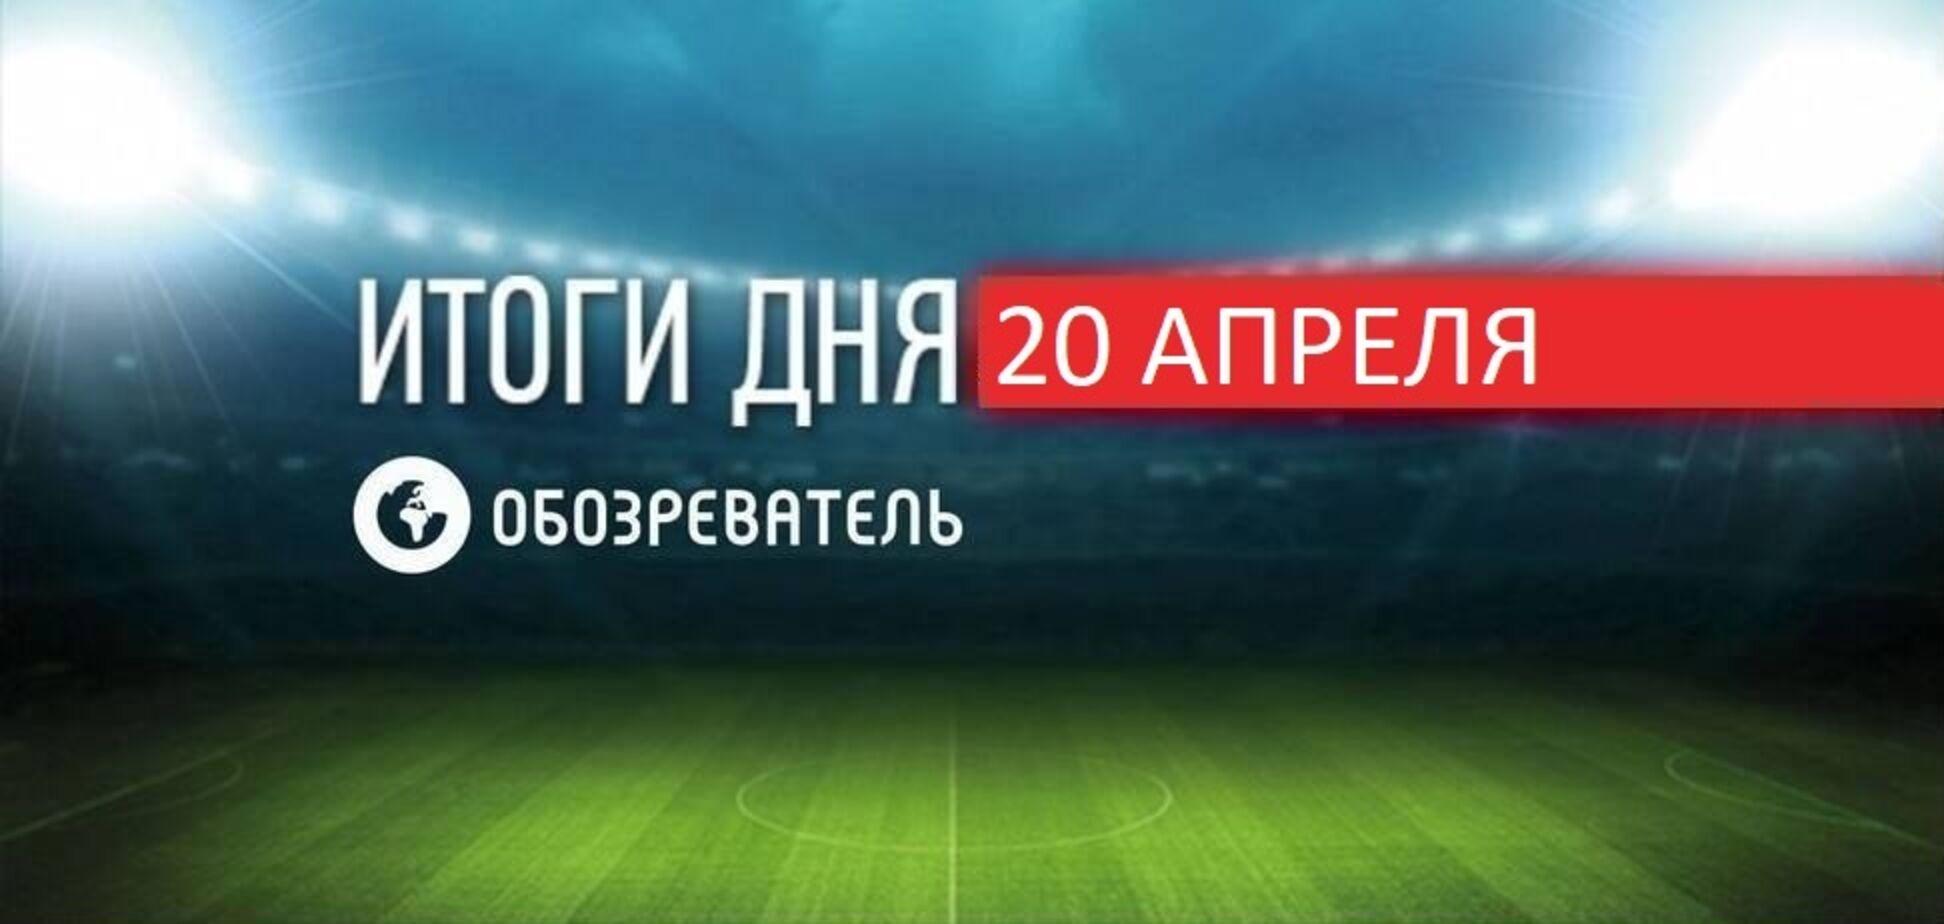 Новости спорта 20 апреля: развал Евролиги, изменен результат боя украинца Редкача